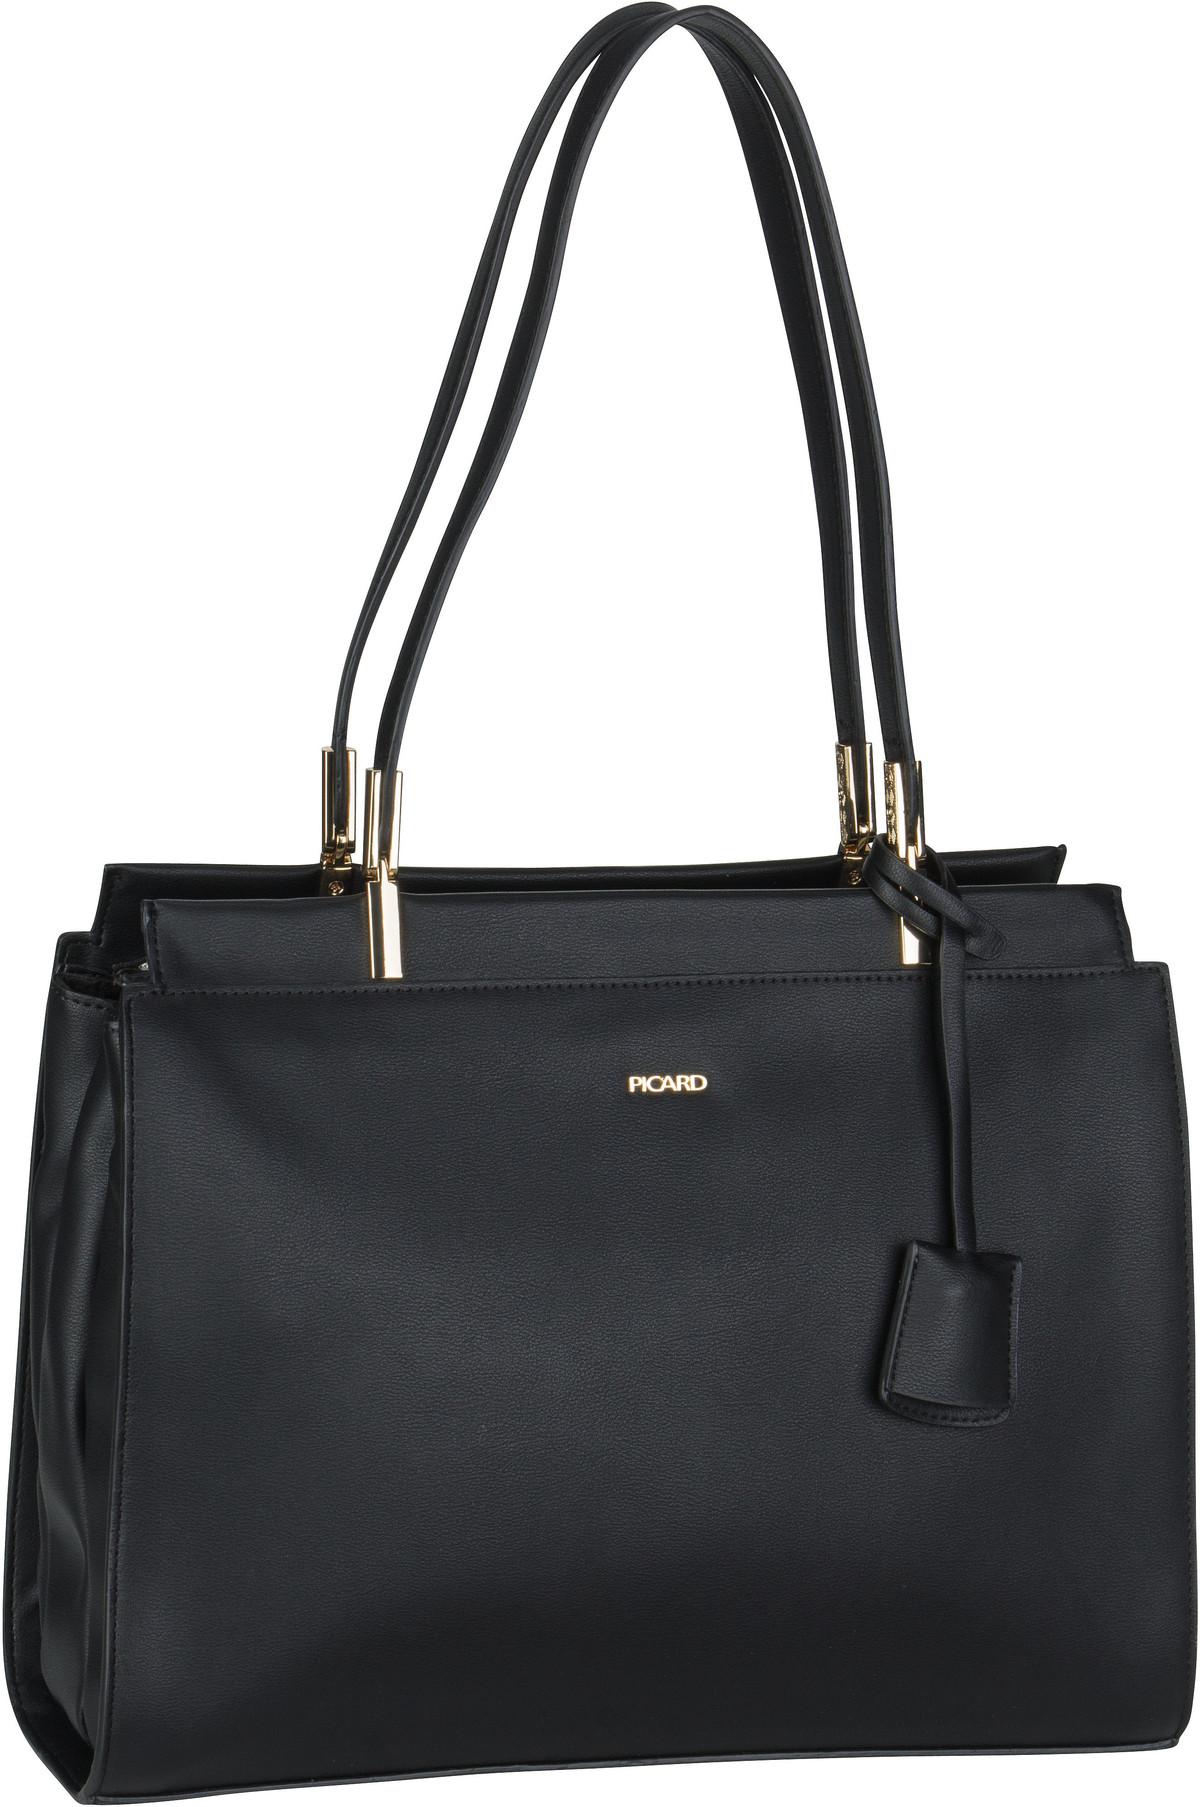 Handtasche Emilion 9681 Schwarz